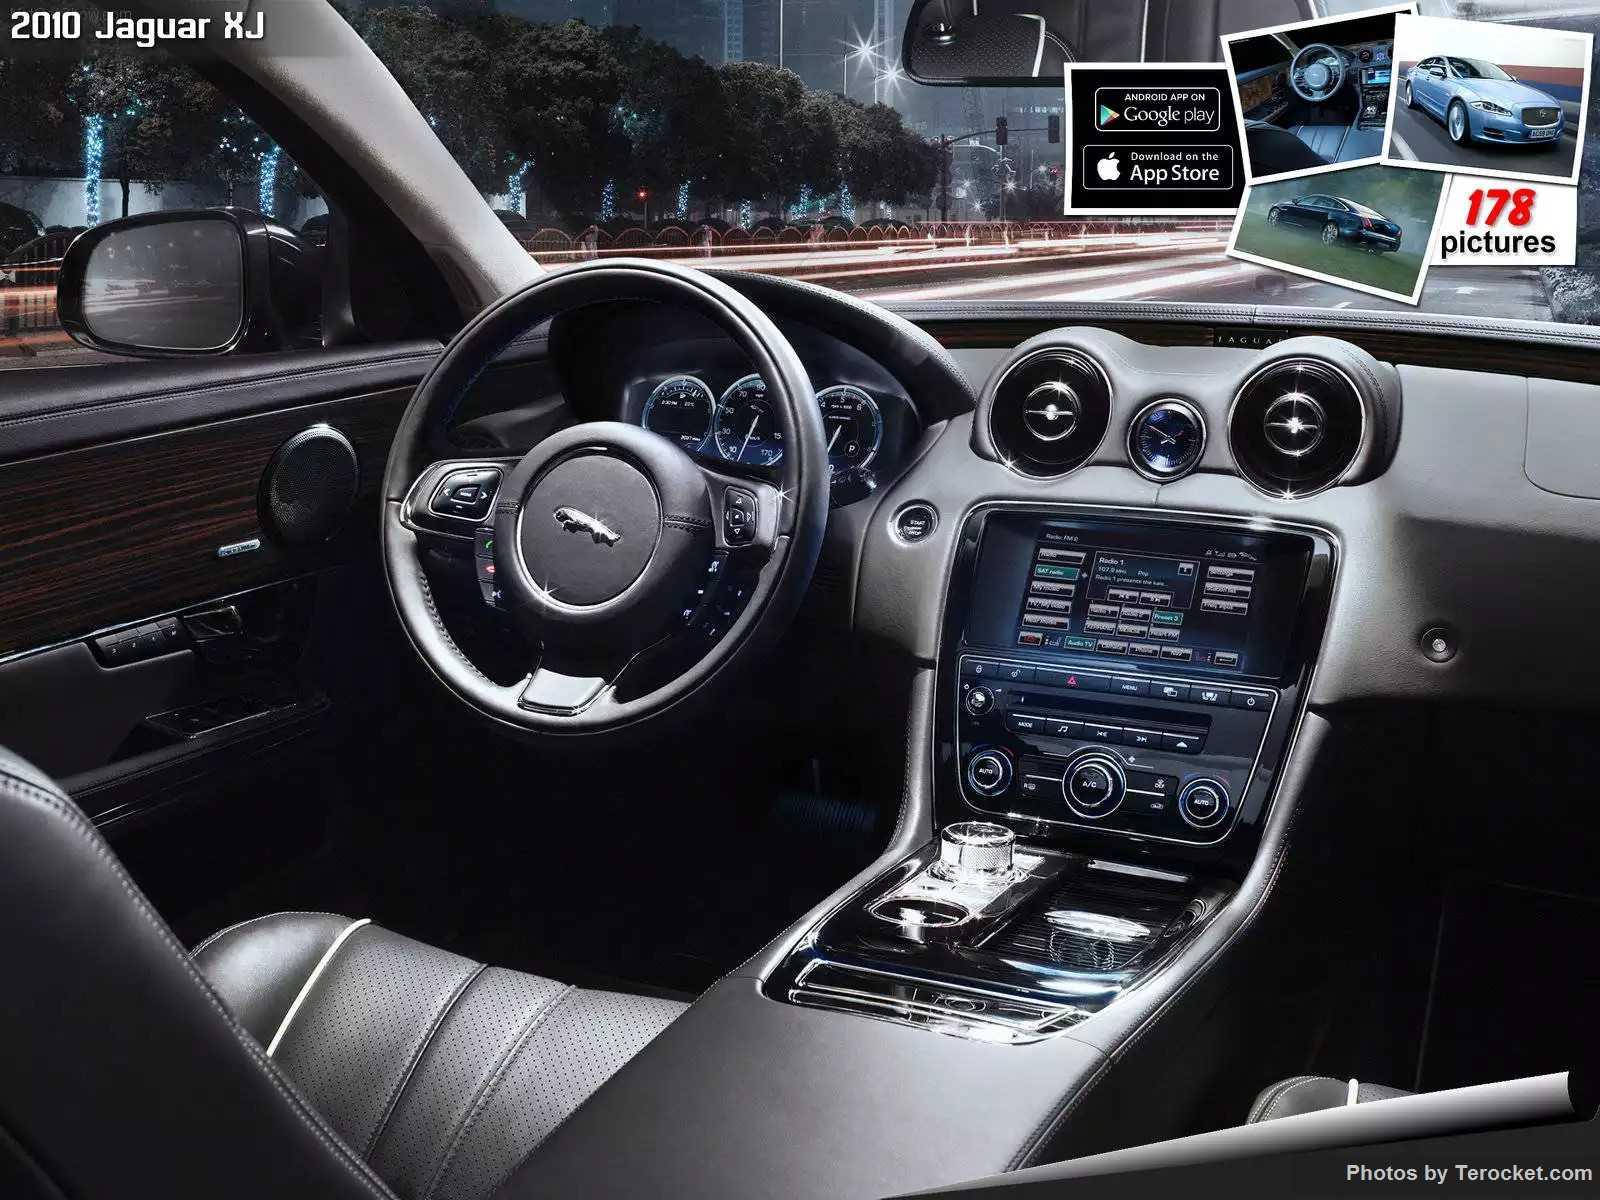 Hình ảnh xe ô tô Jaguar XJ 2010 & nội ngoại thất